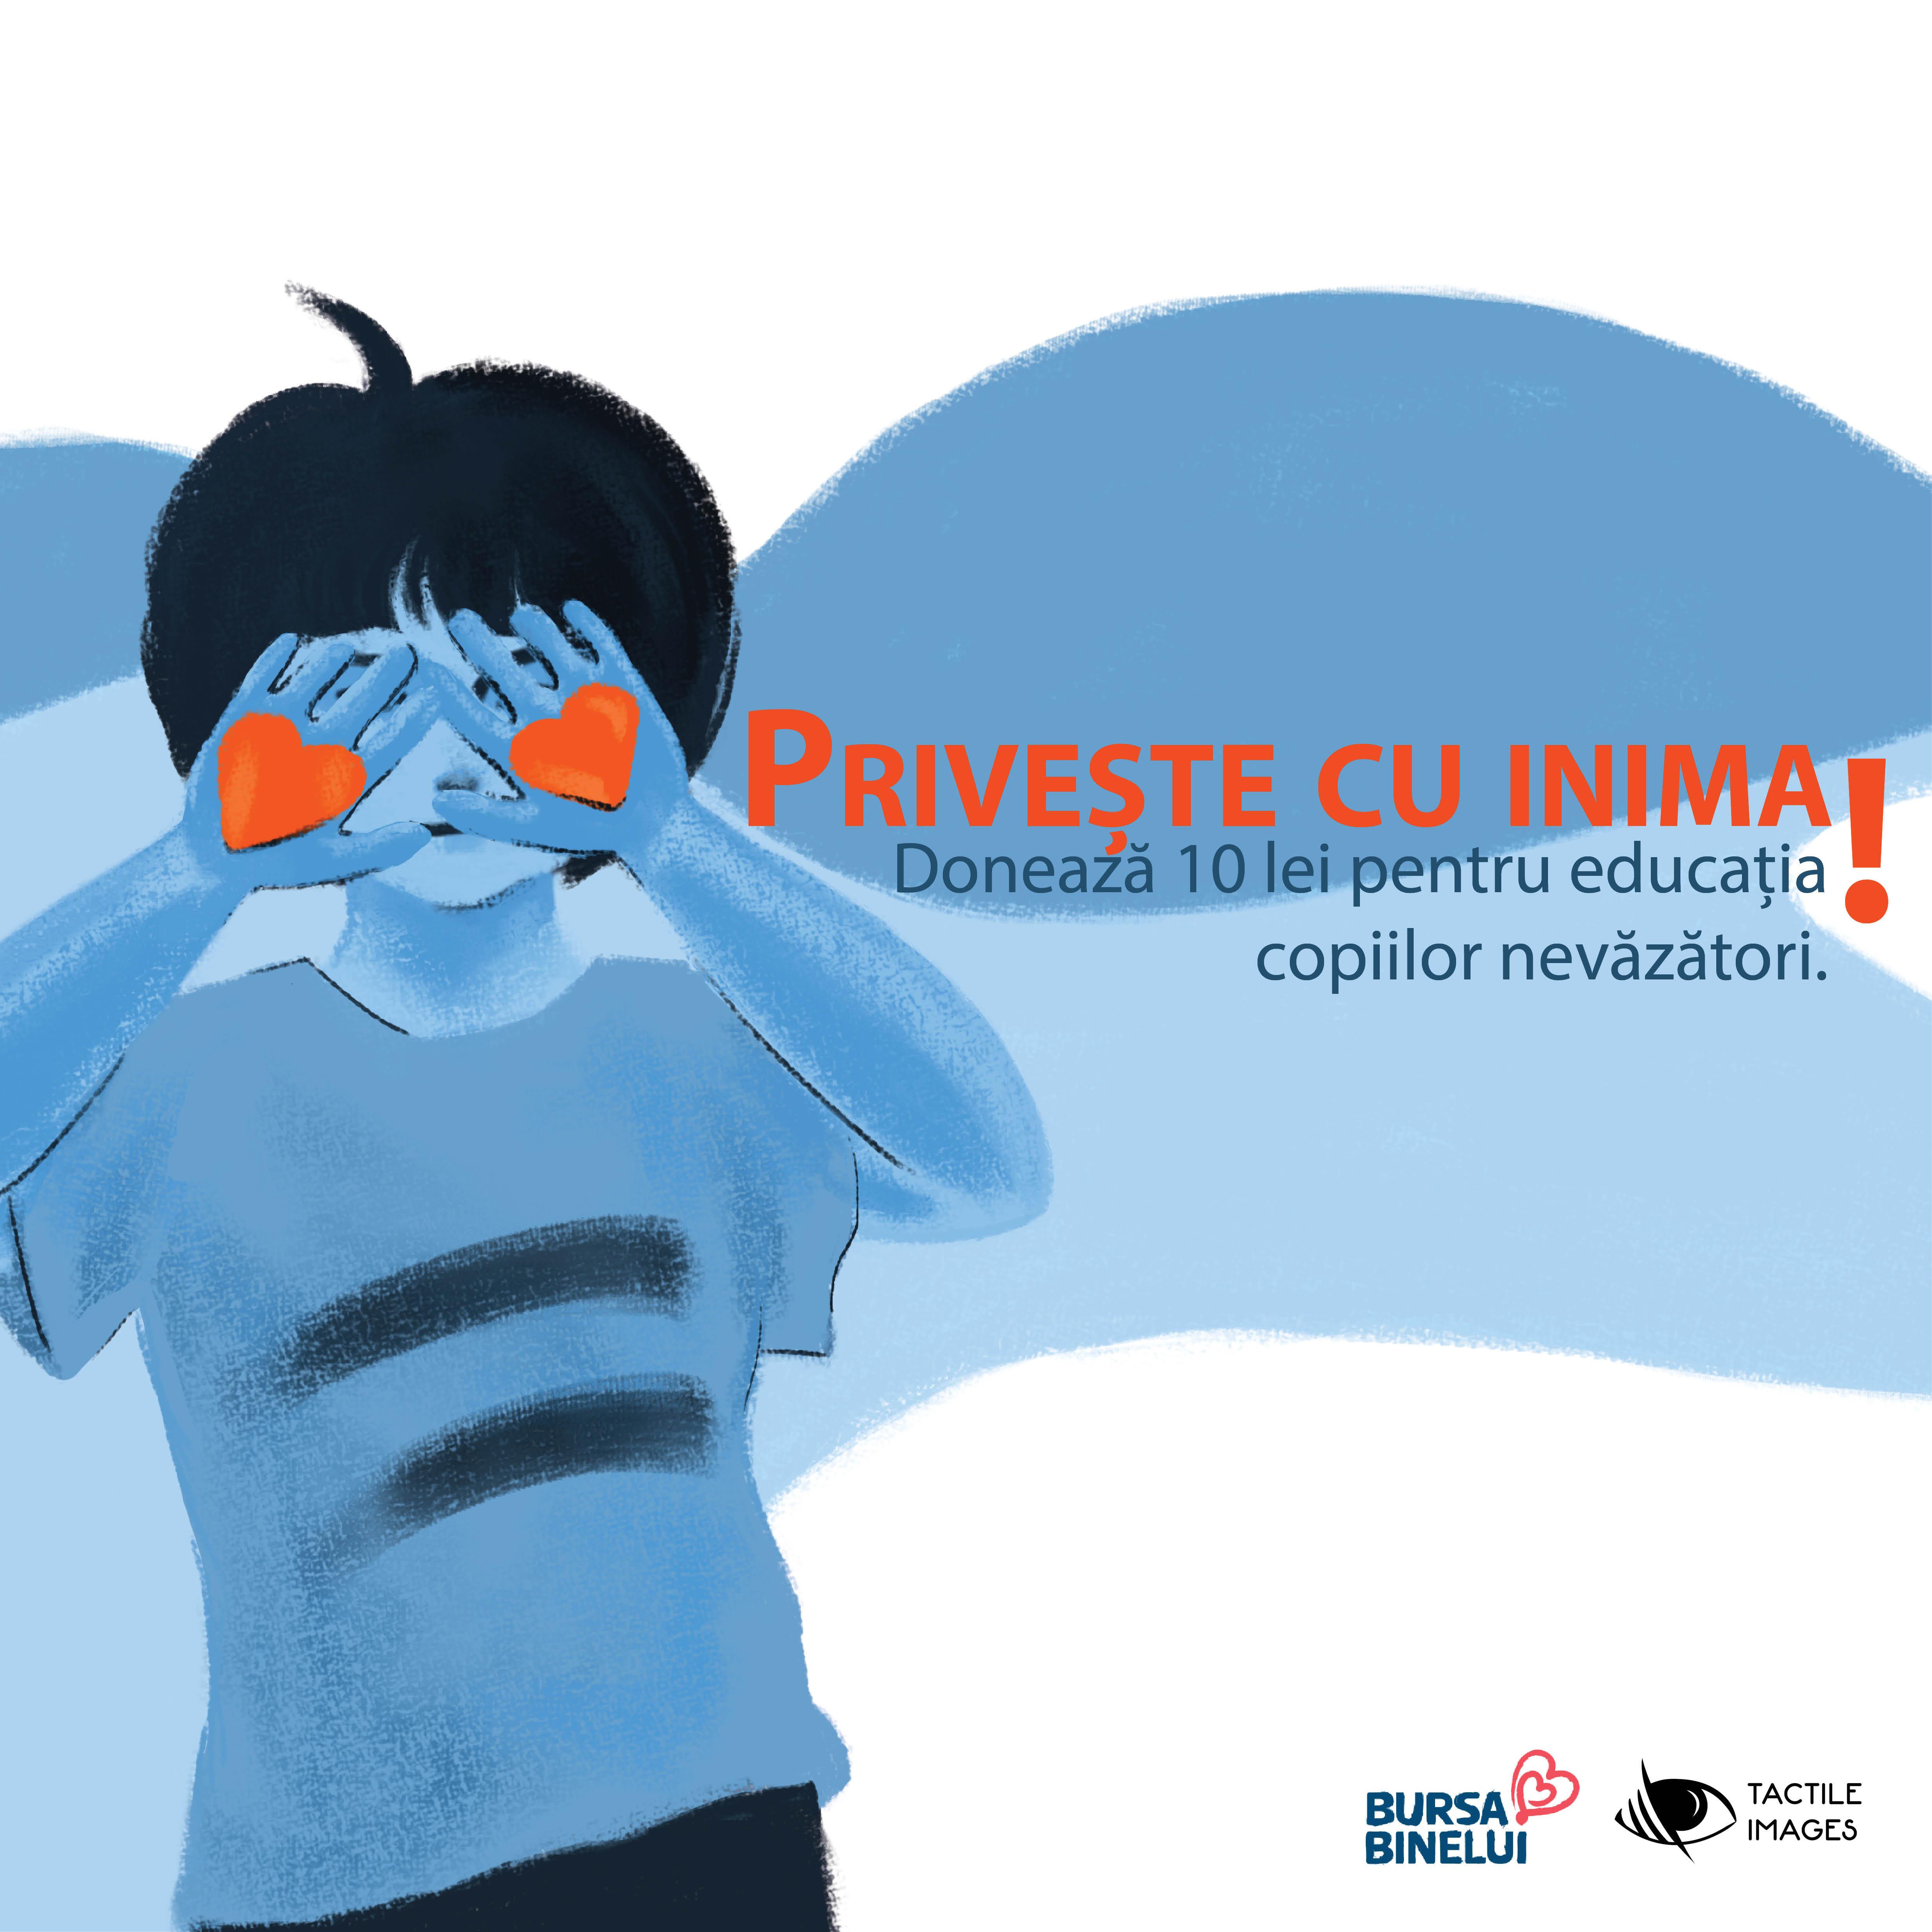 Tactile Images lansează campania de fundraising #PriveșteCuInima pe Bursa Binelui